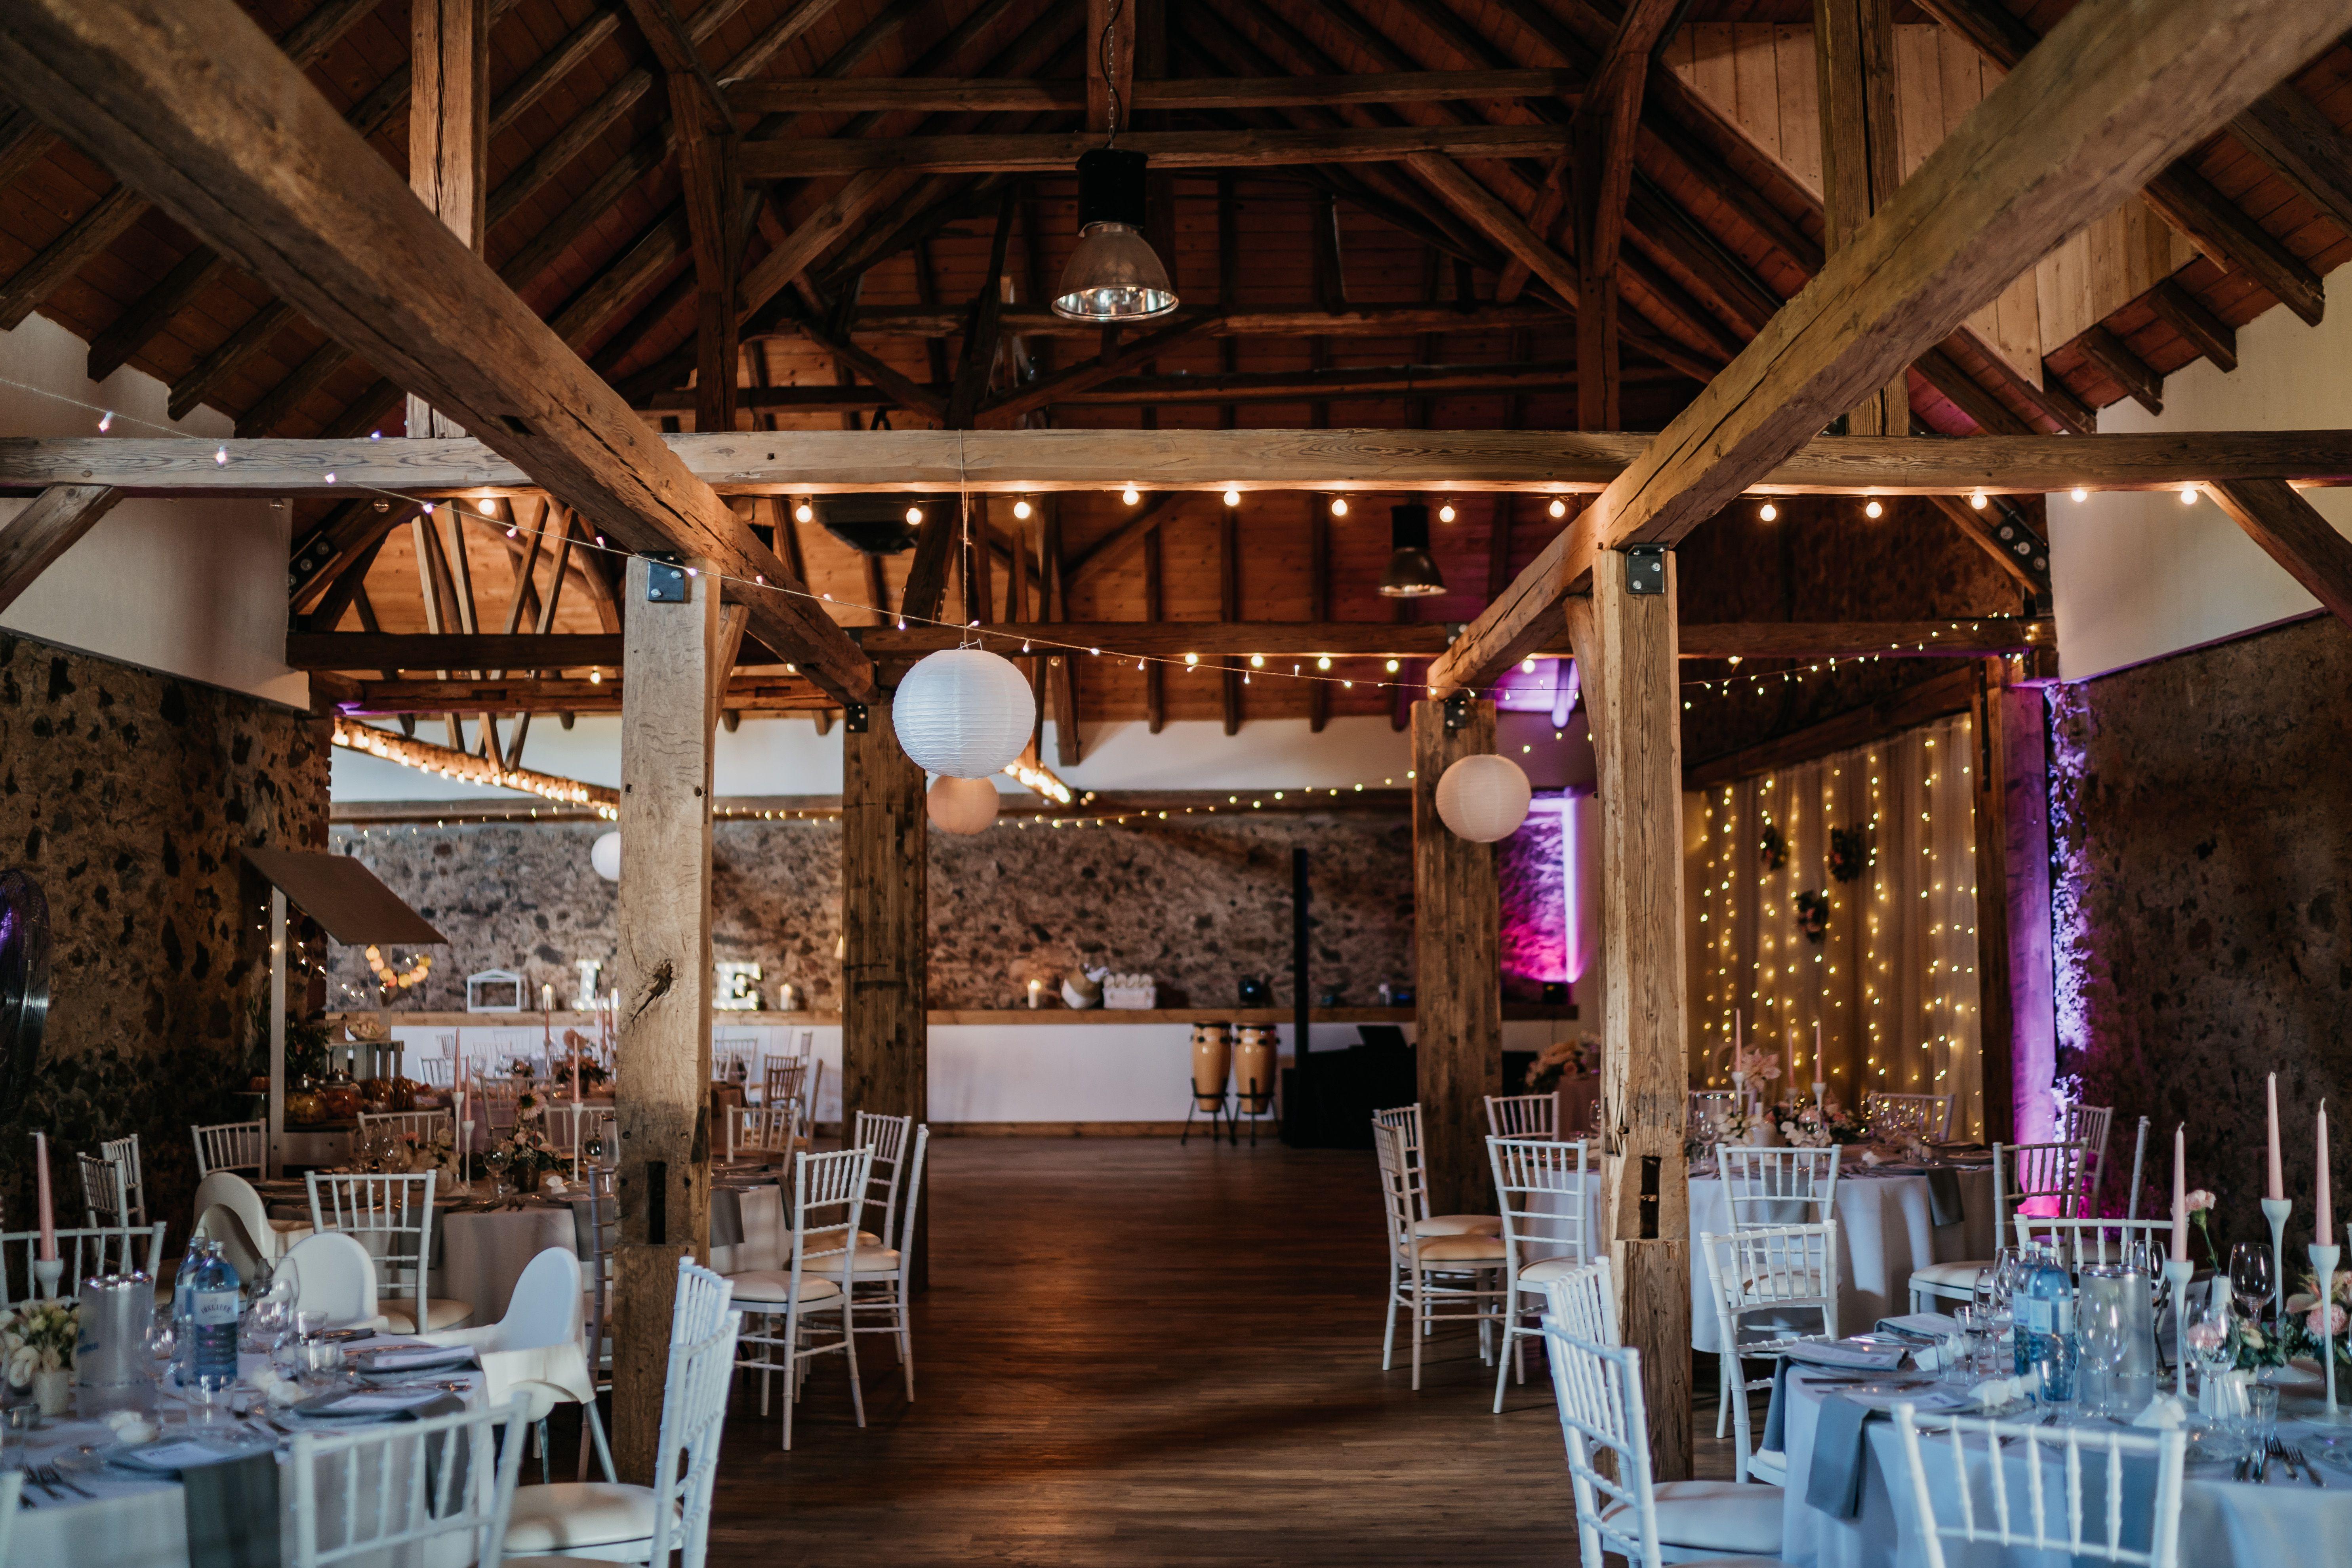 Scheunenhochzeit In Der Obermuhle Langenselbold Scheunen Hochzeit Haus Streichen Haussanierung